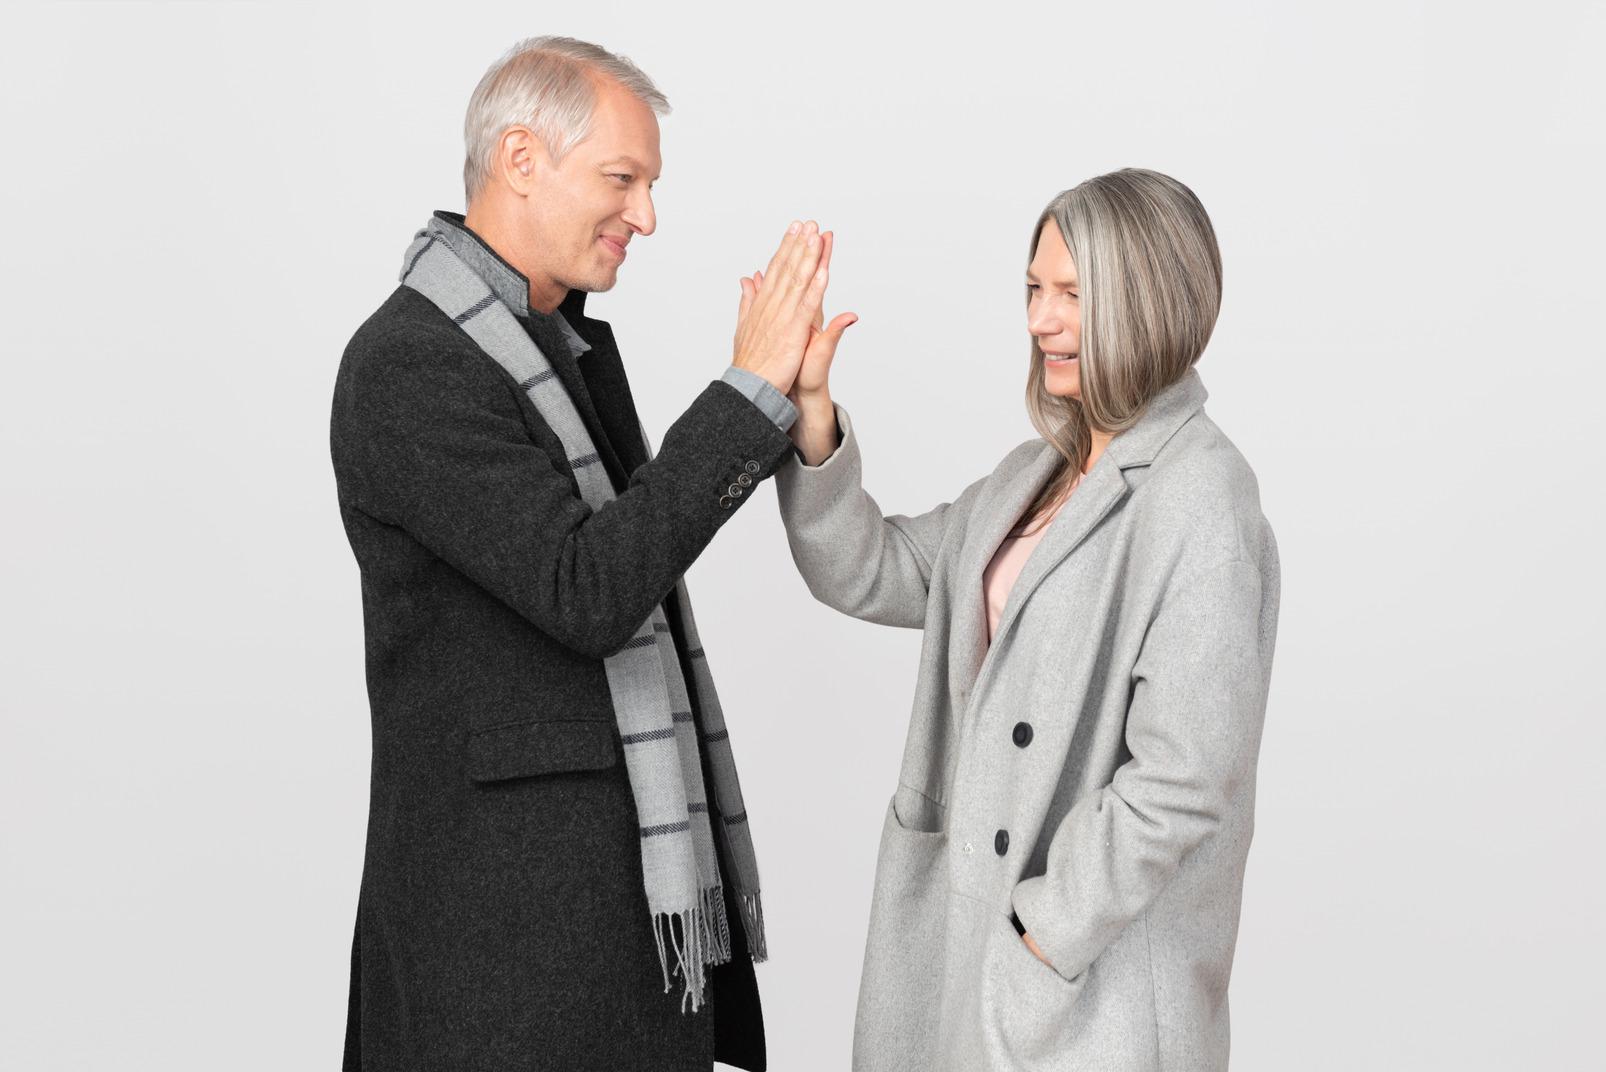 Homme et femme faisant cinq